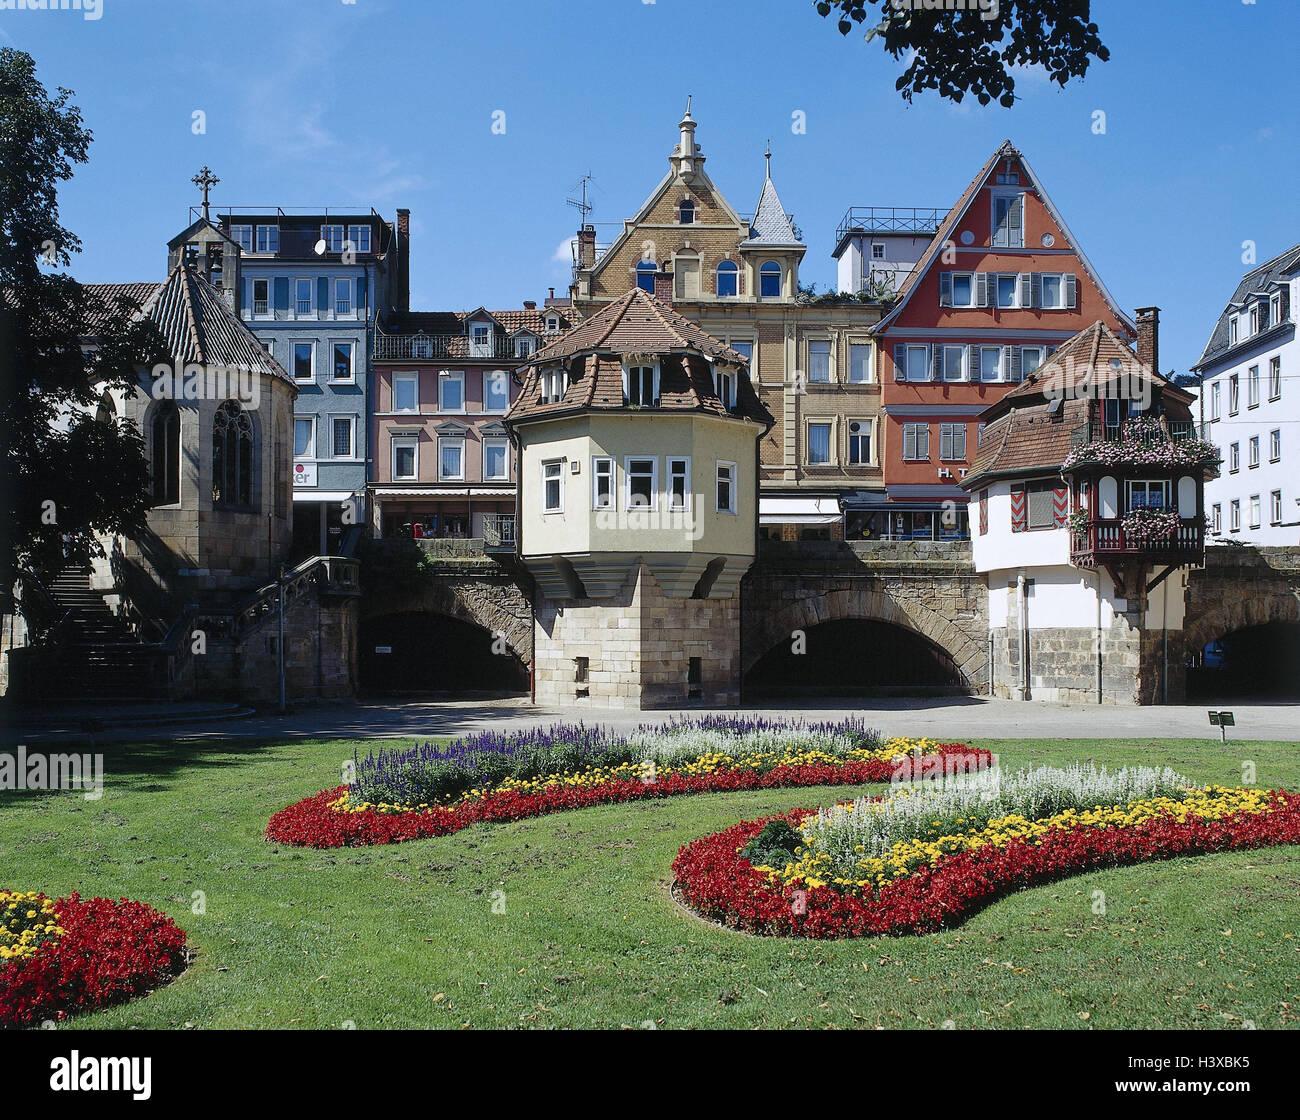 Deutschland BadenWurttemberg Esslingen am Neckar Maille Stadtpark Huser Gebude Brcken